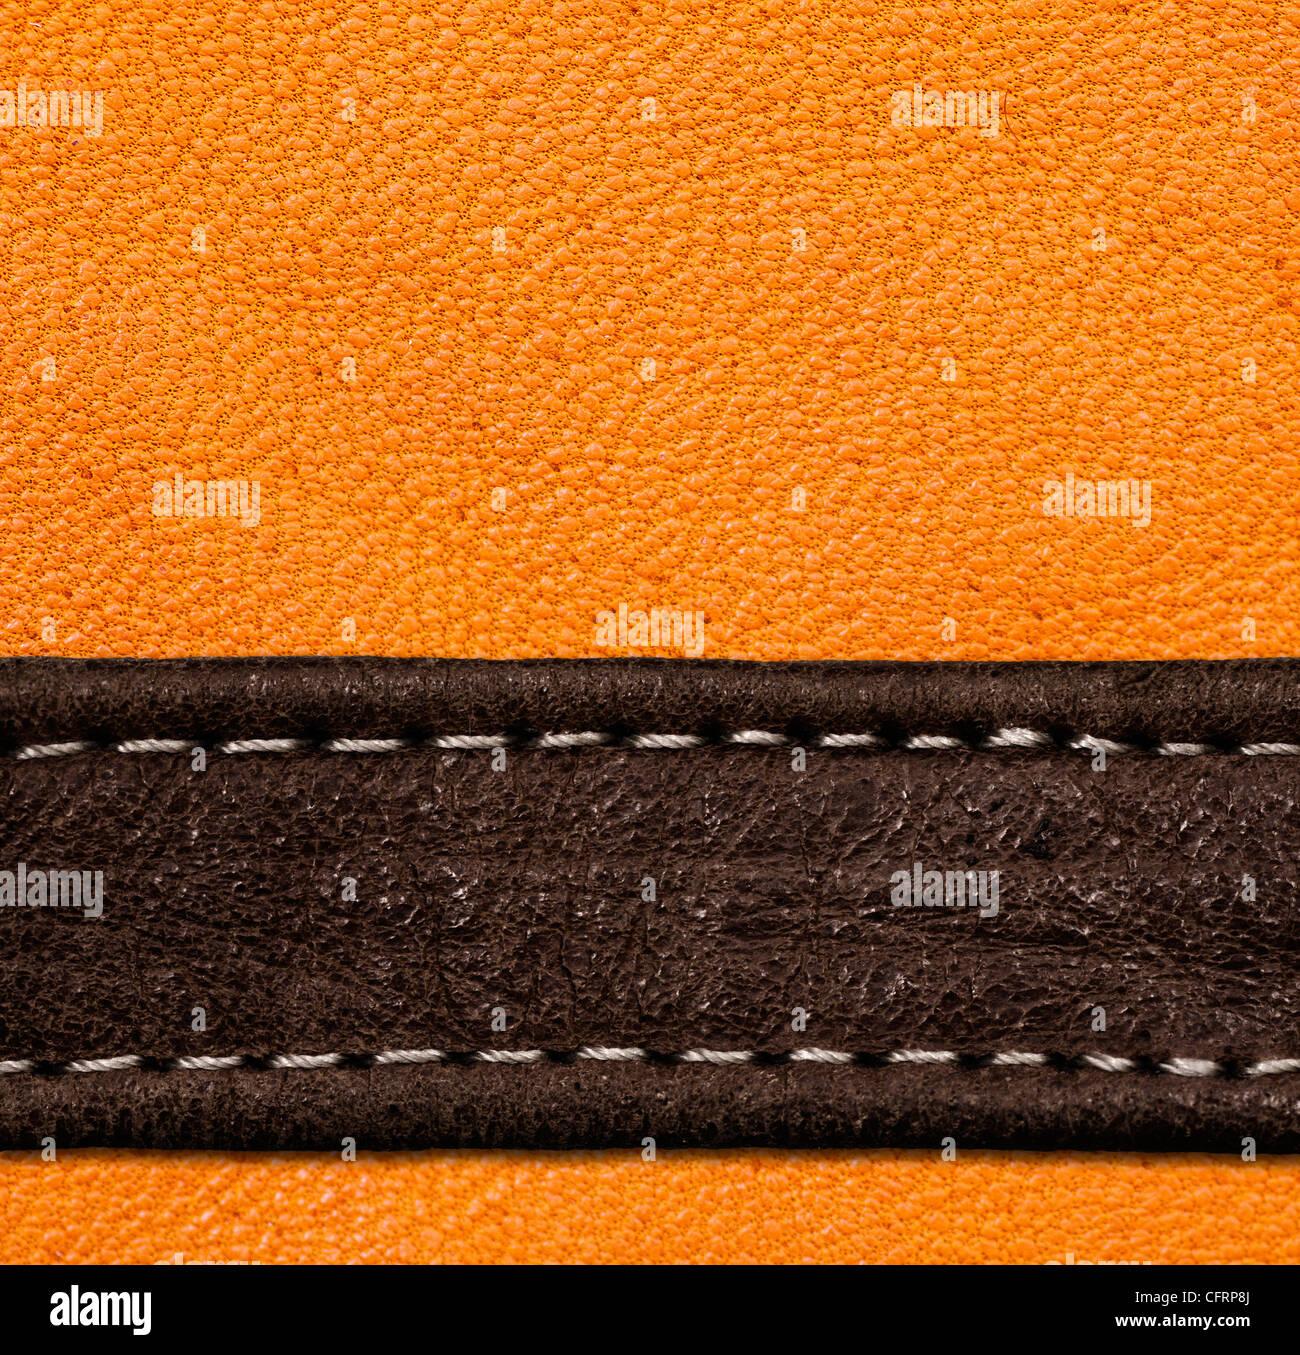 Eine braune und schwarze Leder-Textur. hohe Auflösung. Stockbild